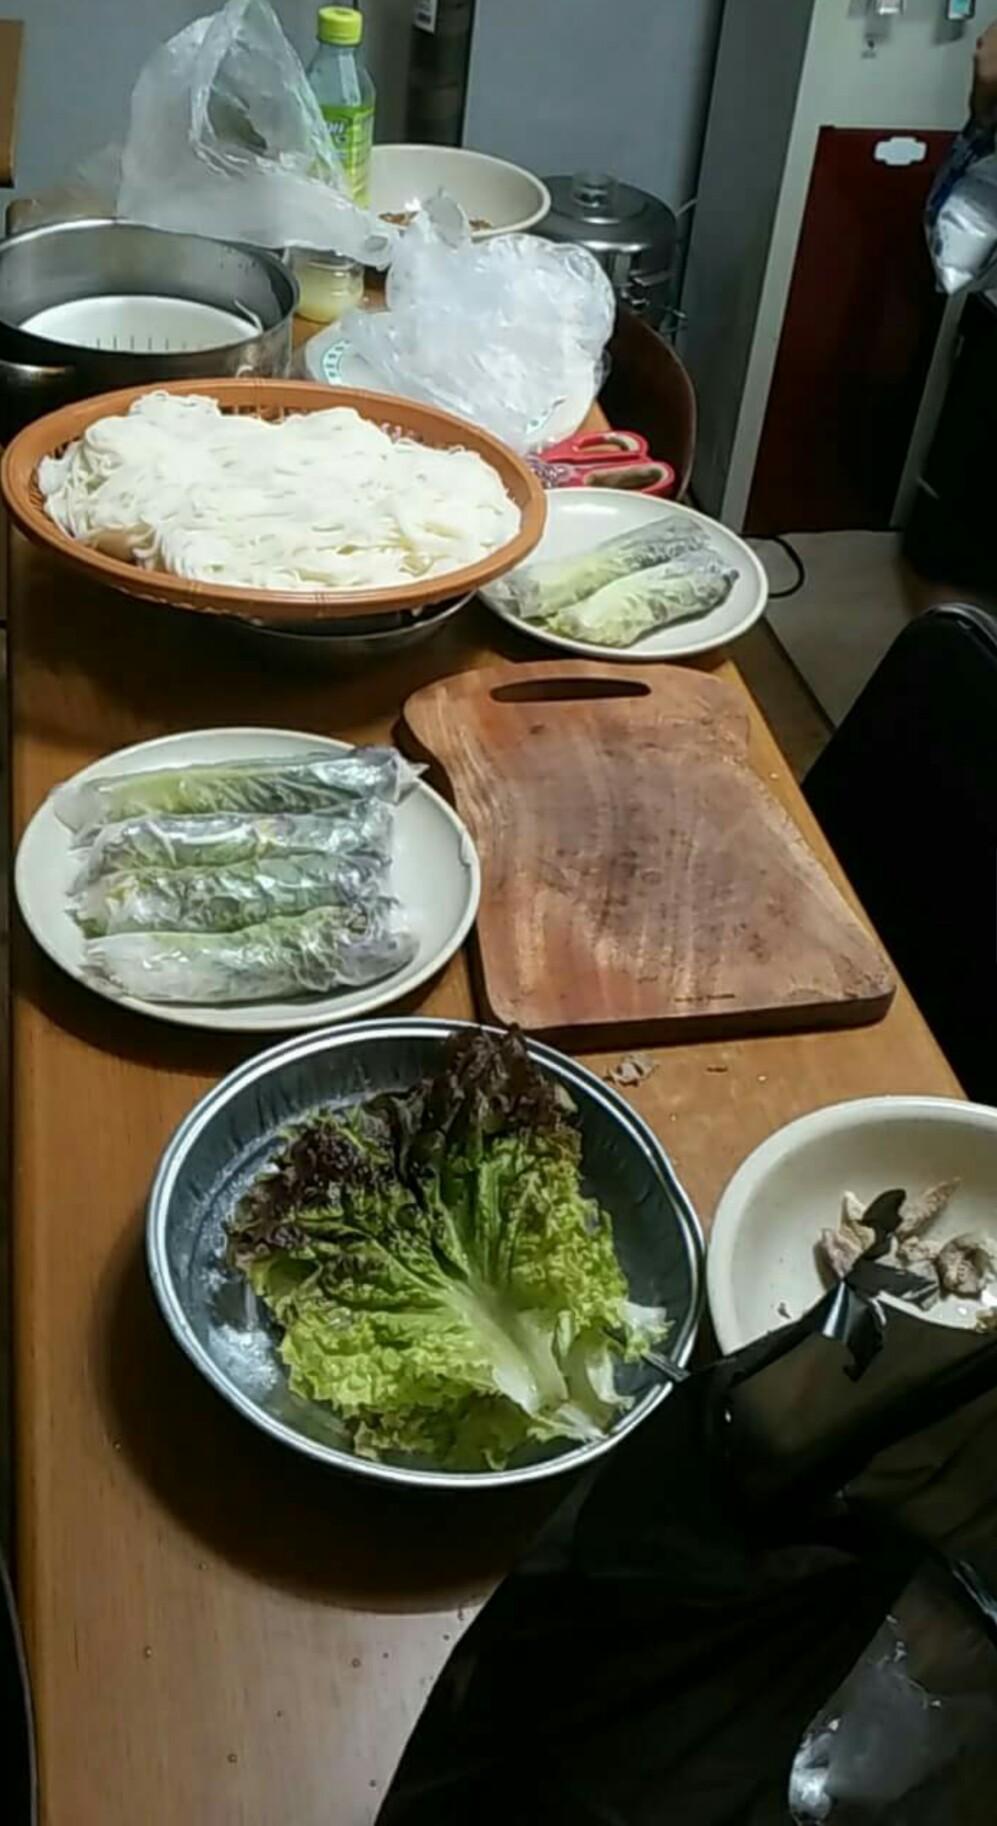 국수 캄보디아인들이 즐겨 먹는 국수